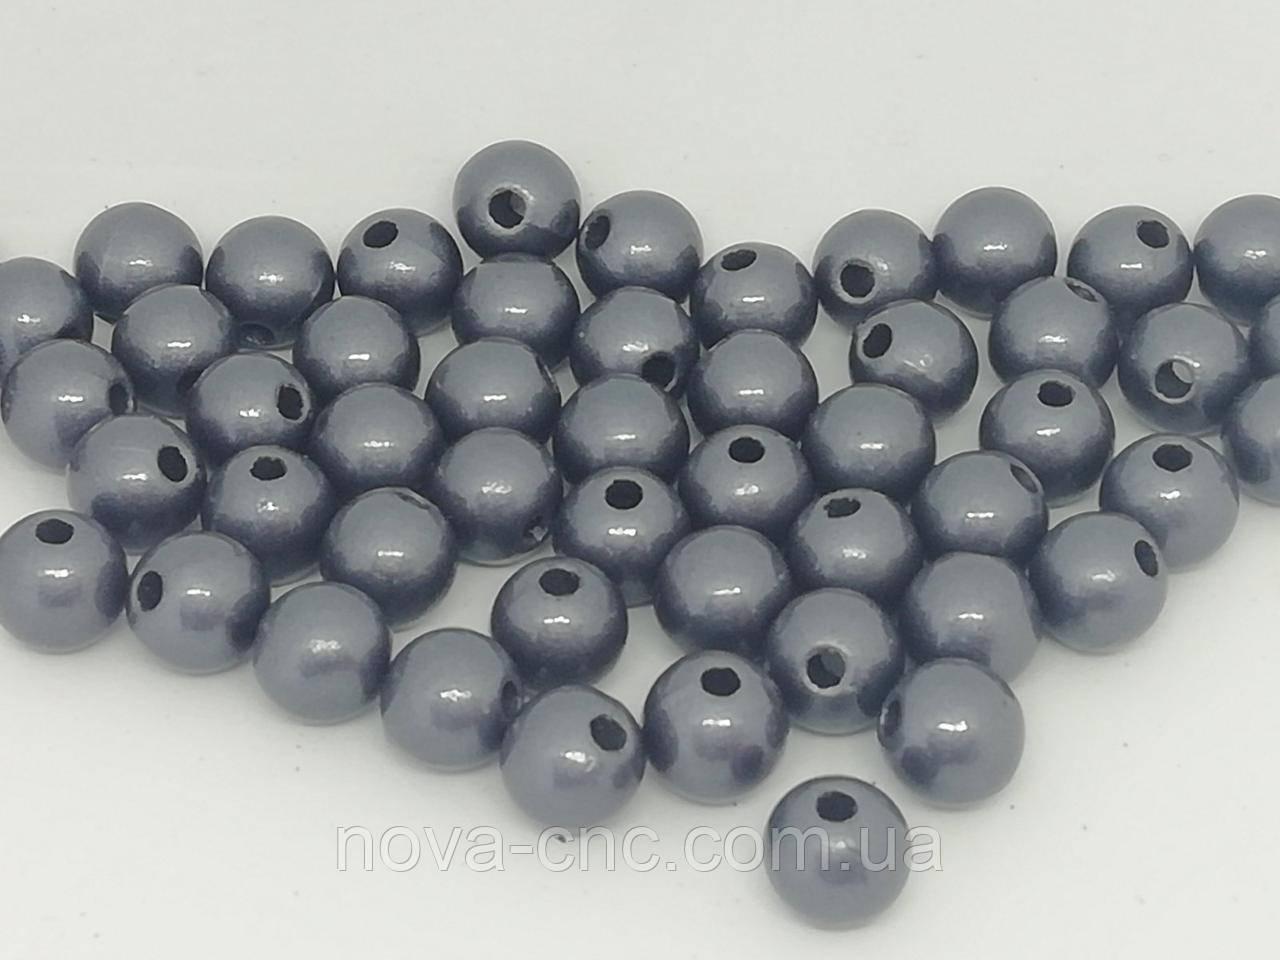 """Намистини пластик """"Куля гладкий"""" сірий 9 мм 500 грам"""